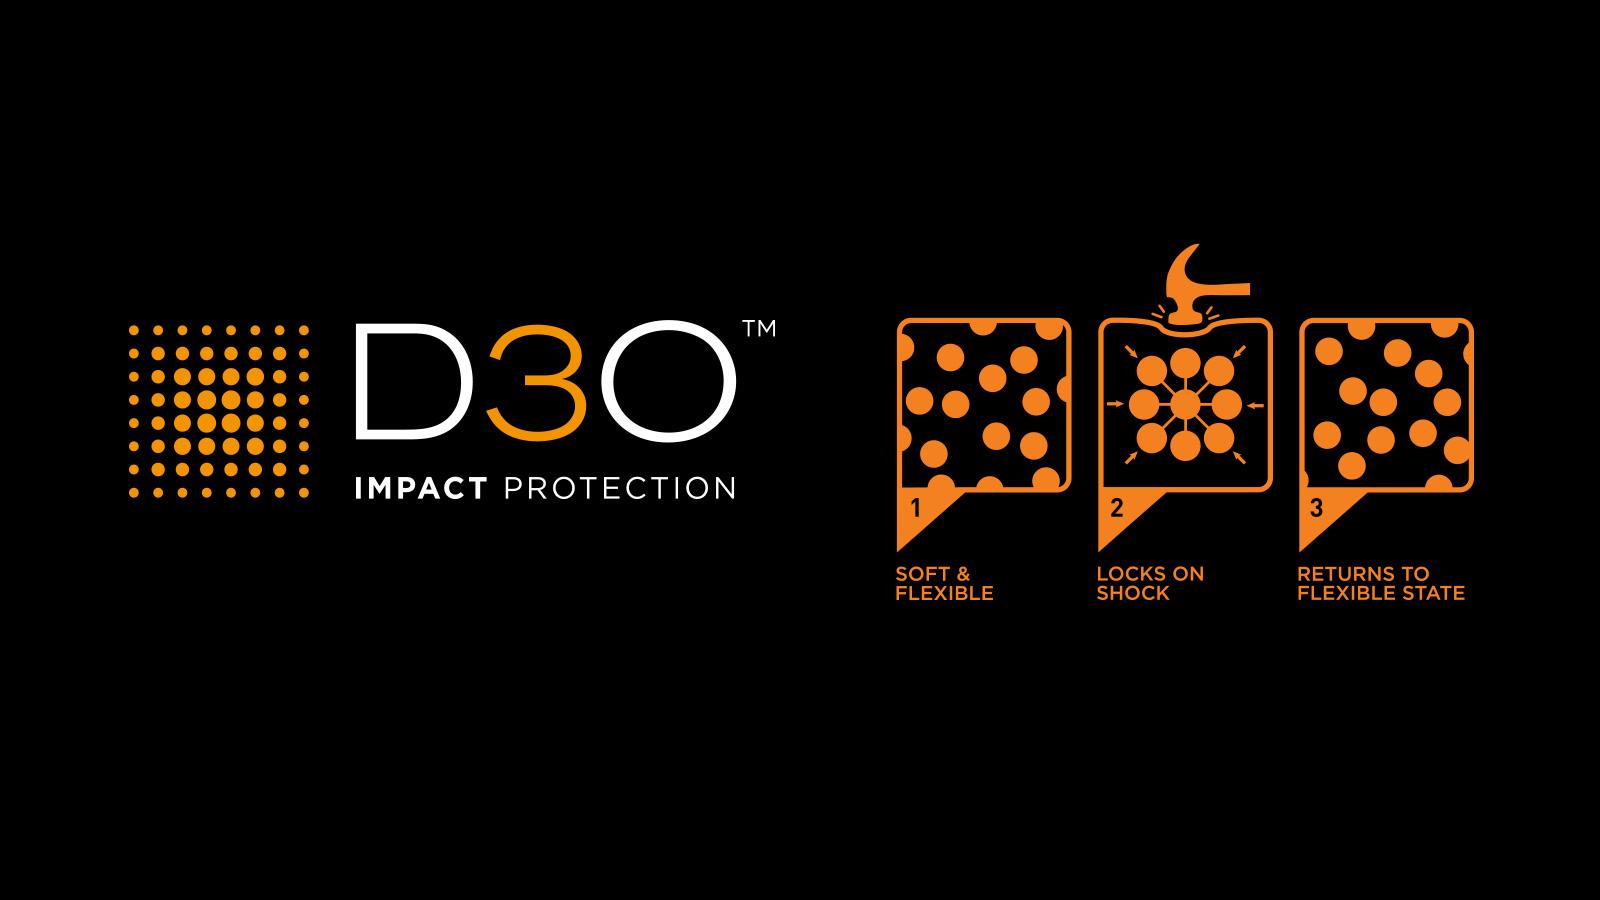 D3O Body Protection Tech